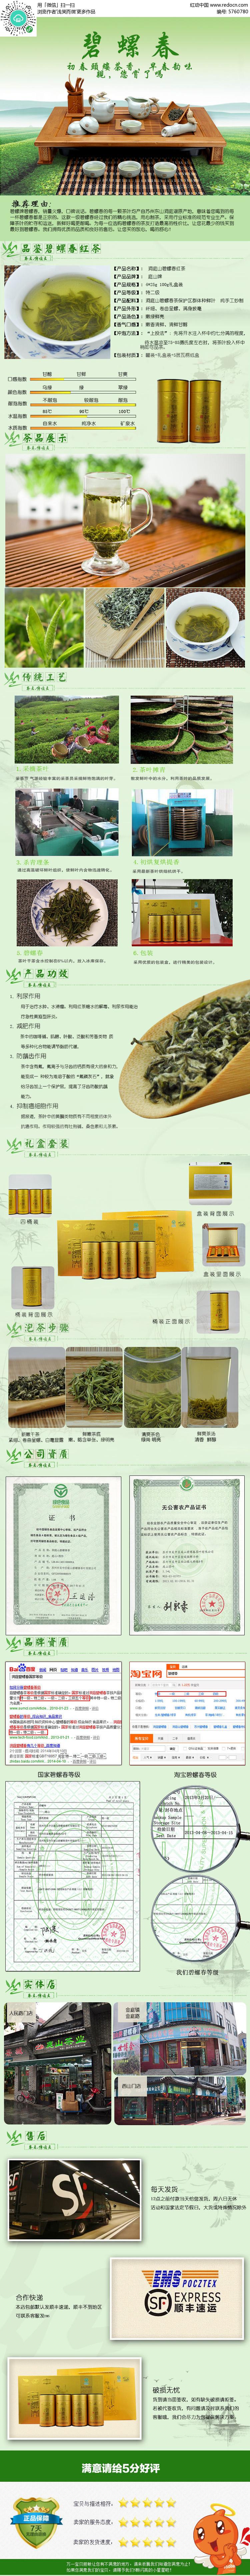 淘宝茶叶详情页宝贝描述排版设计图片